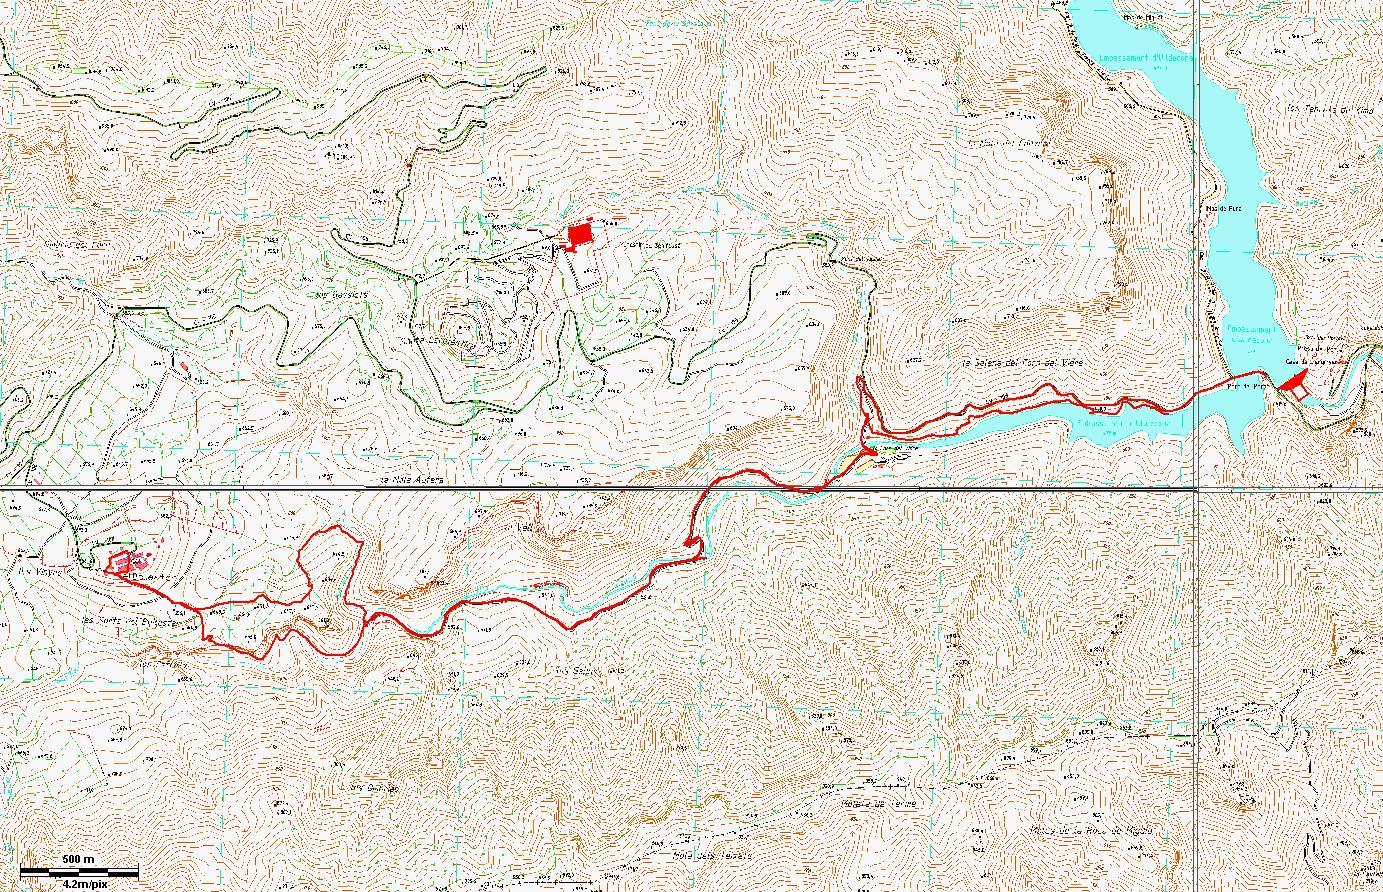 Pantano de Ulldecona - Ballestar - Pantano de Ulldecona